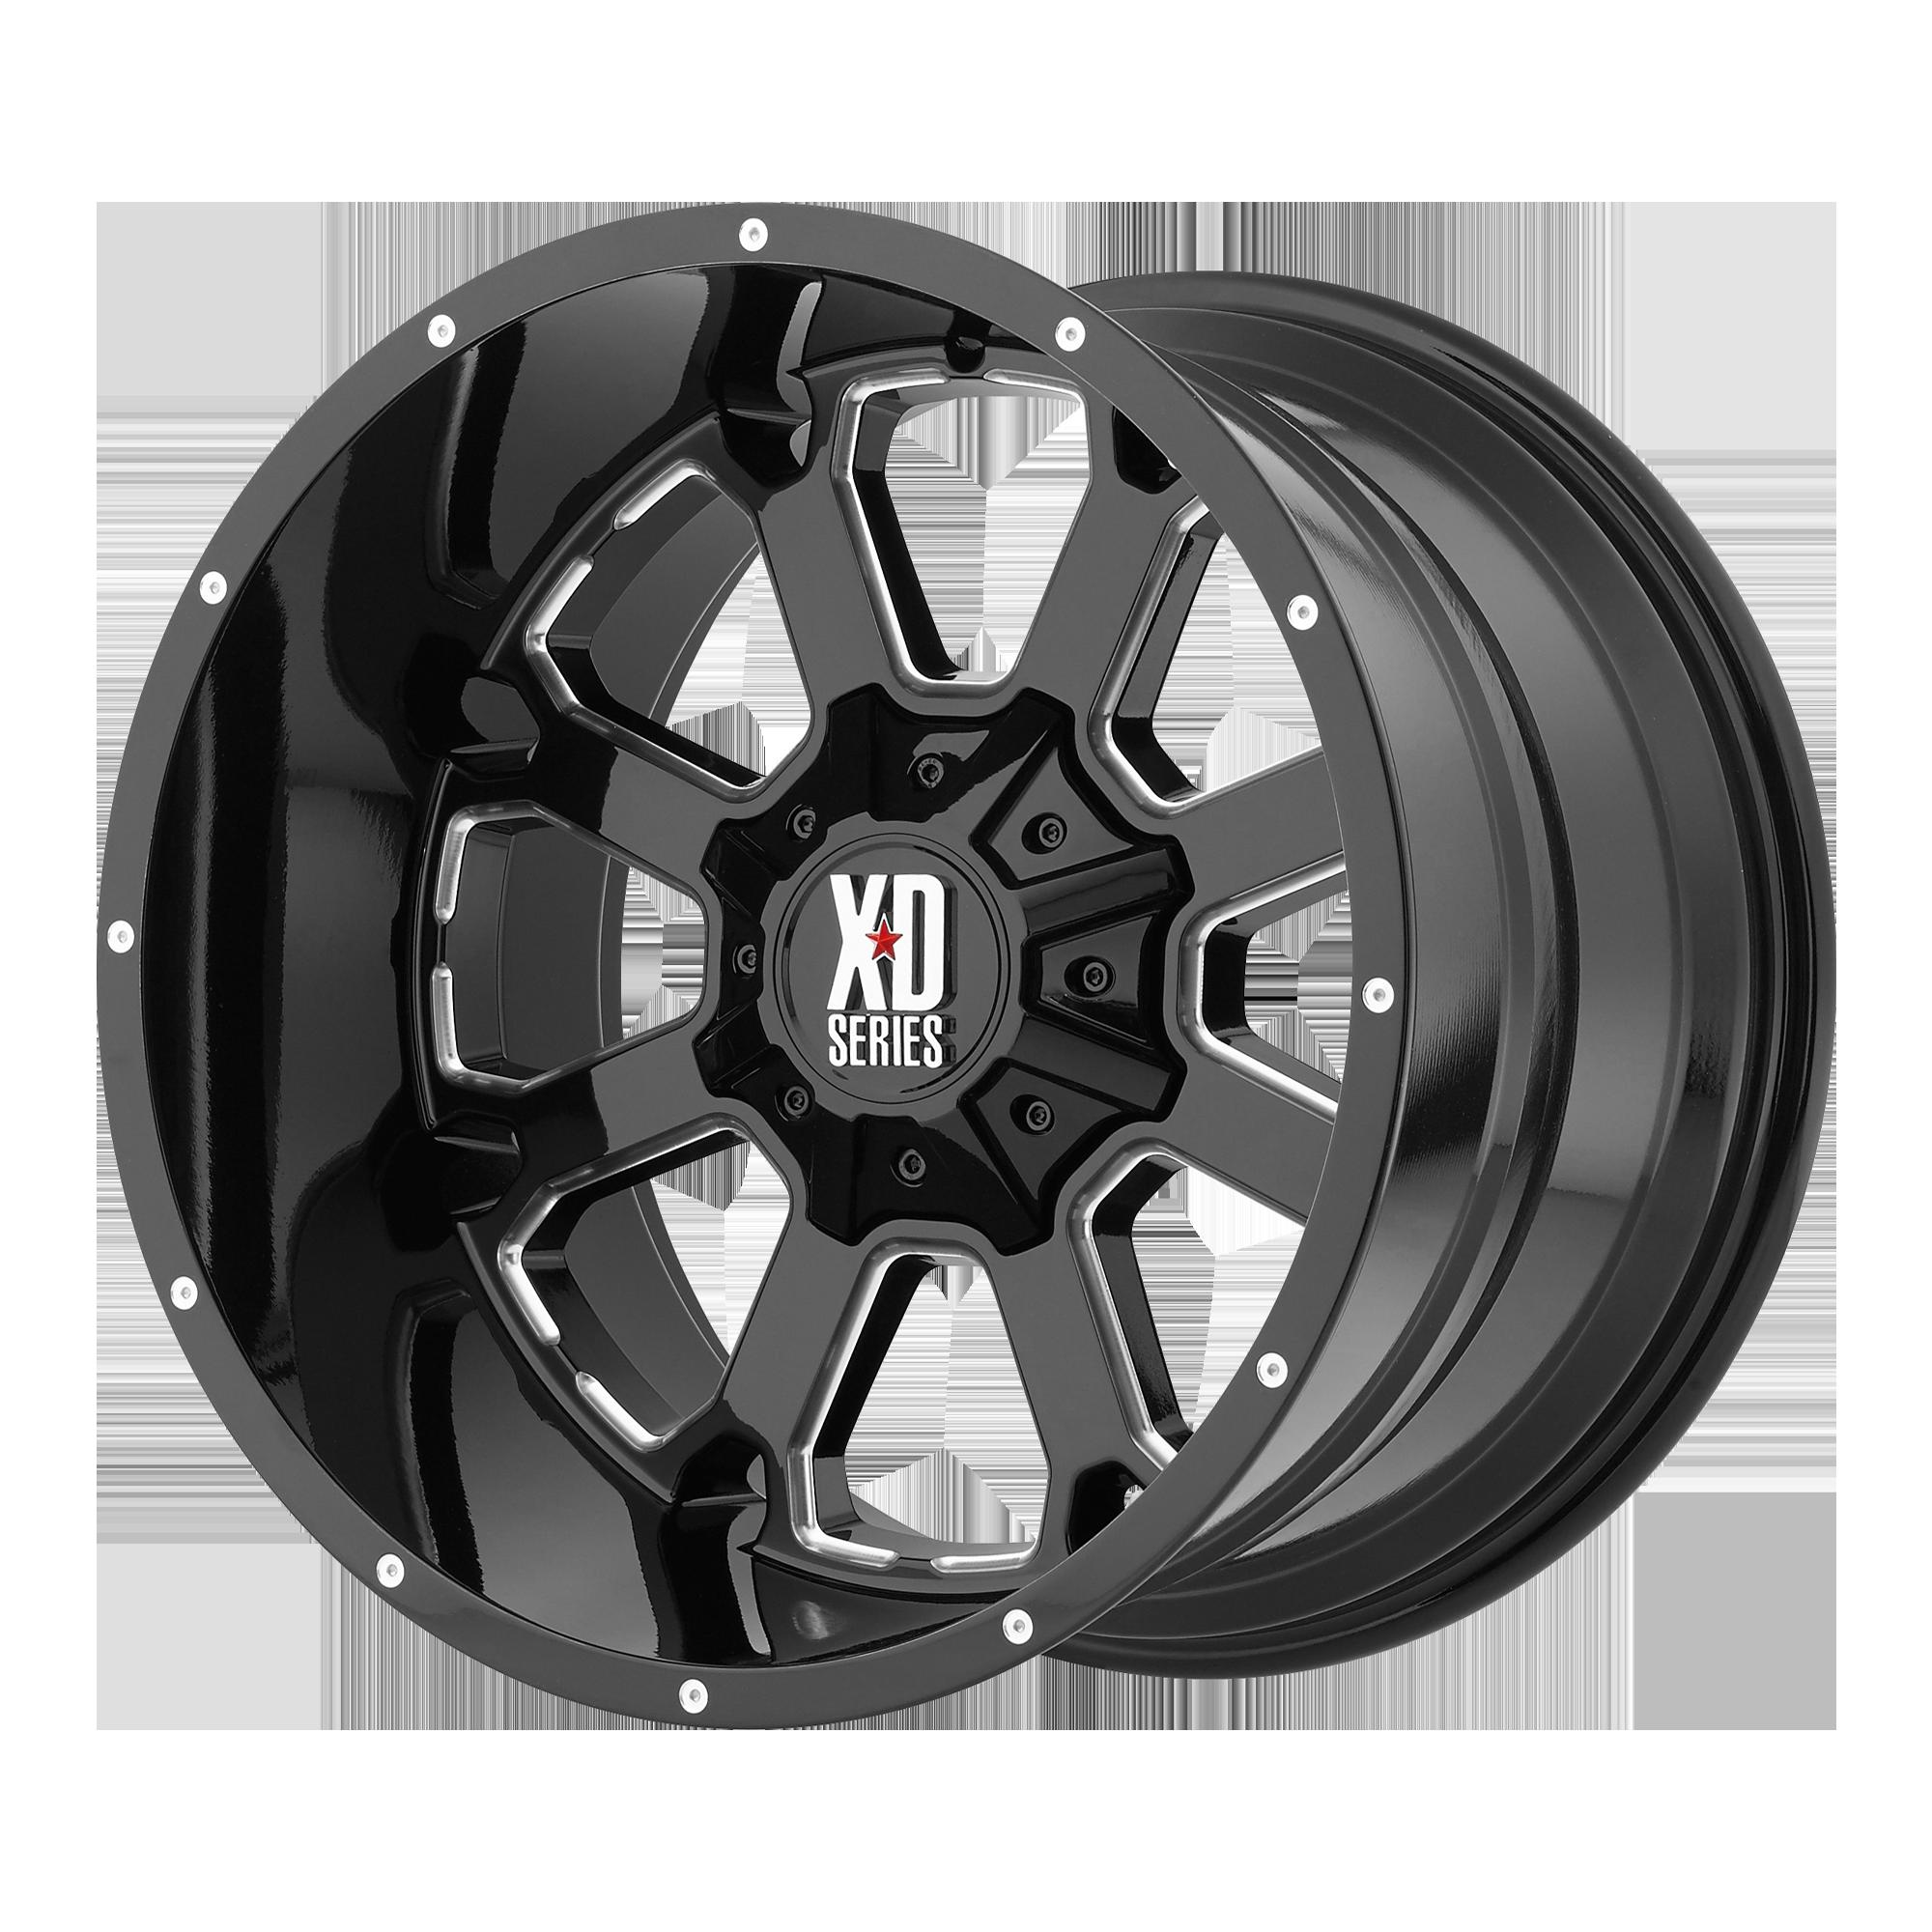 XD SERIES XD825 BUCK 25 hliníkové disky 10x20 6x139,7 ET-24 Gloss Black Milled